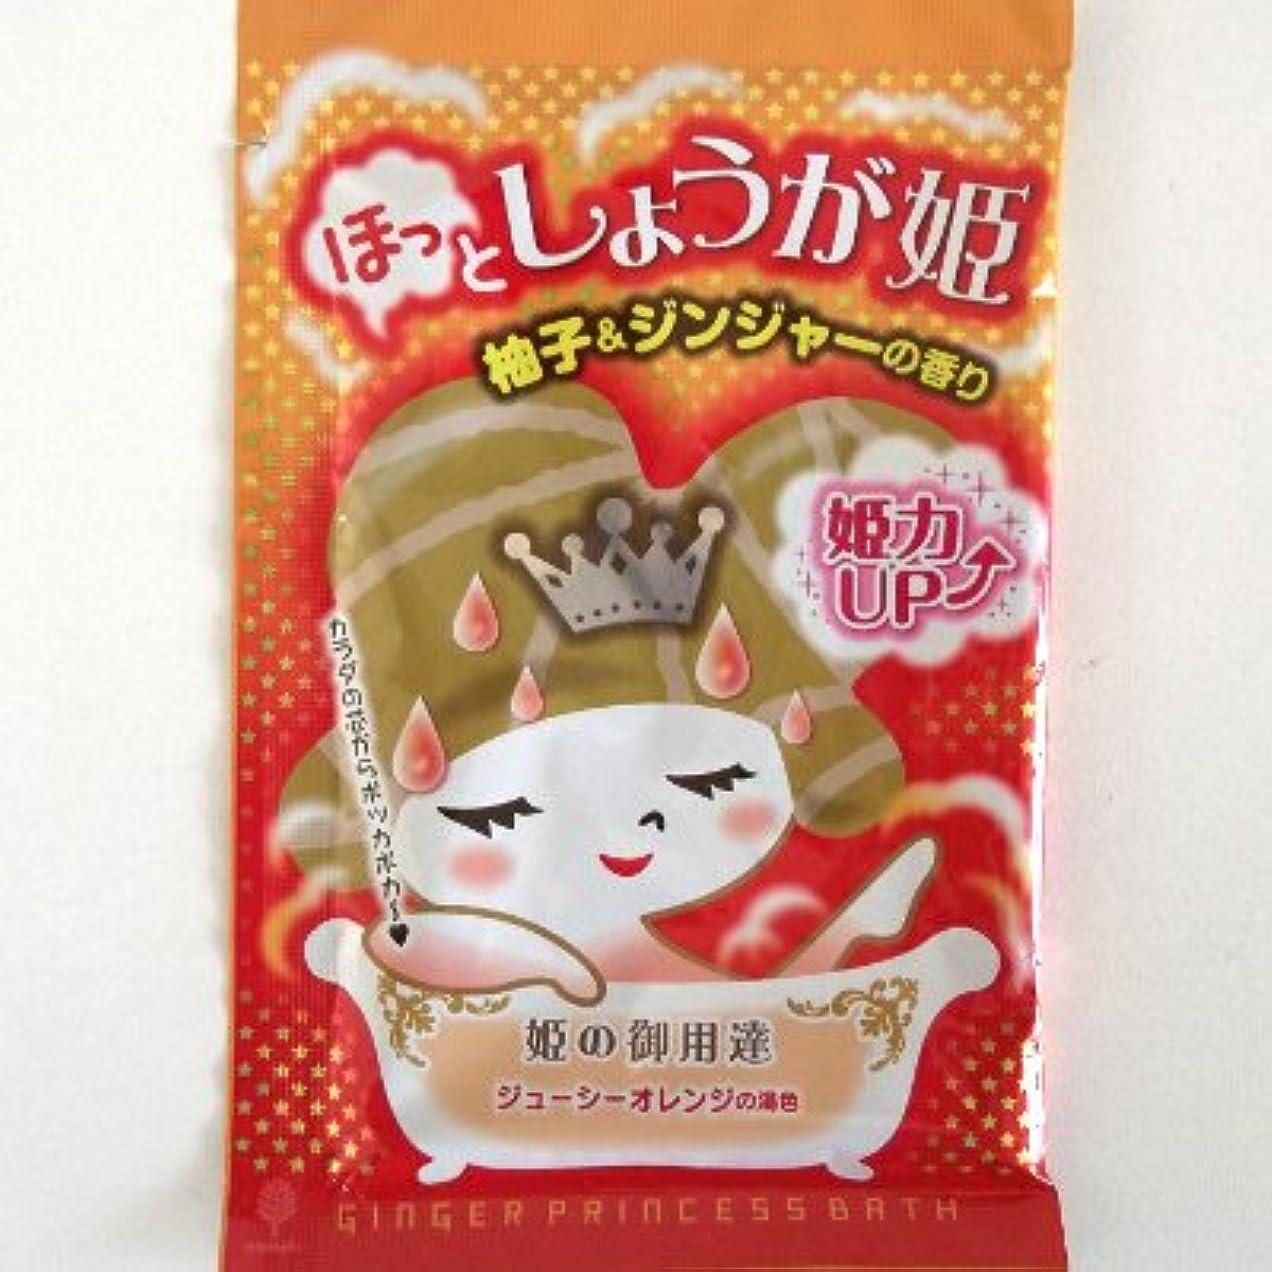 エンジニア慰め連鎖ほっとしょうが姫 柚子&ジンジャーの香り